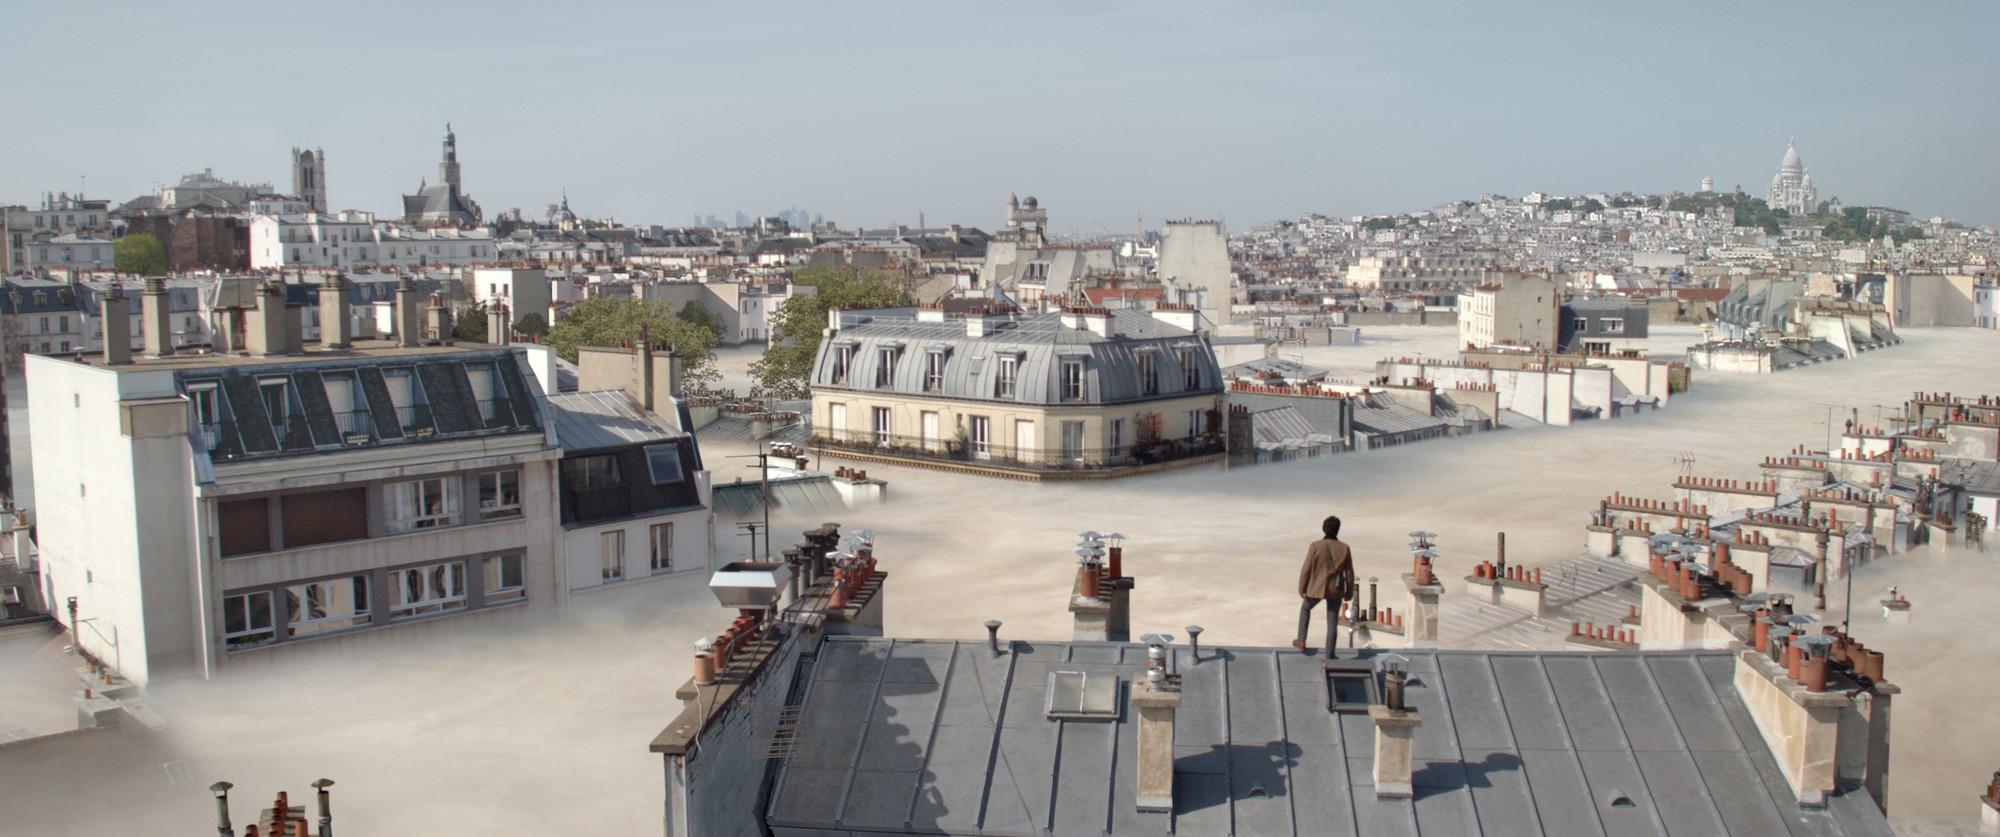 Kinh đô Paris hoa lệ bỗng chết sặc trong thảm họa của Màn Sương Chết - Ảnh 5.